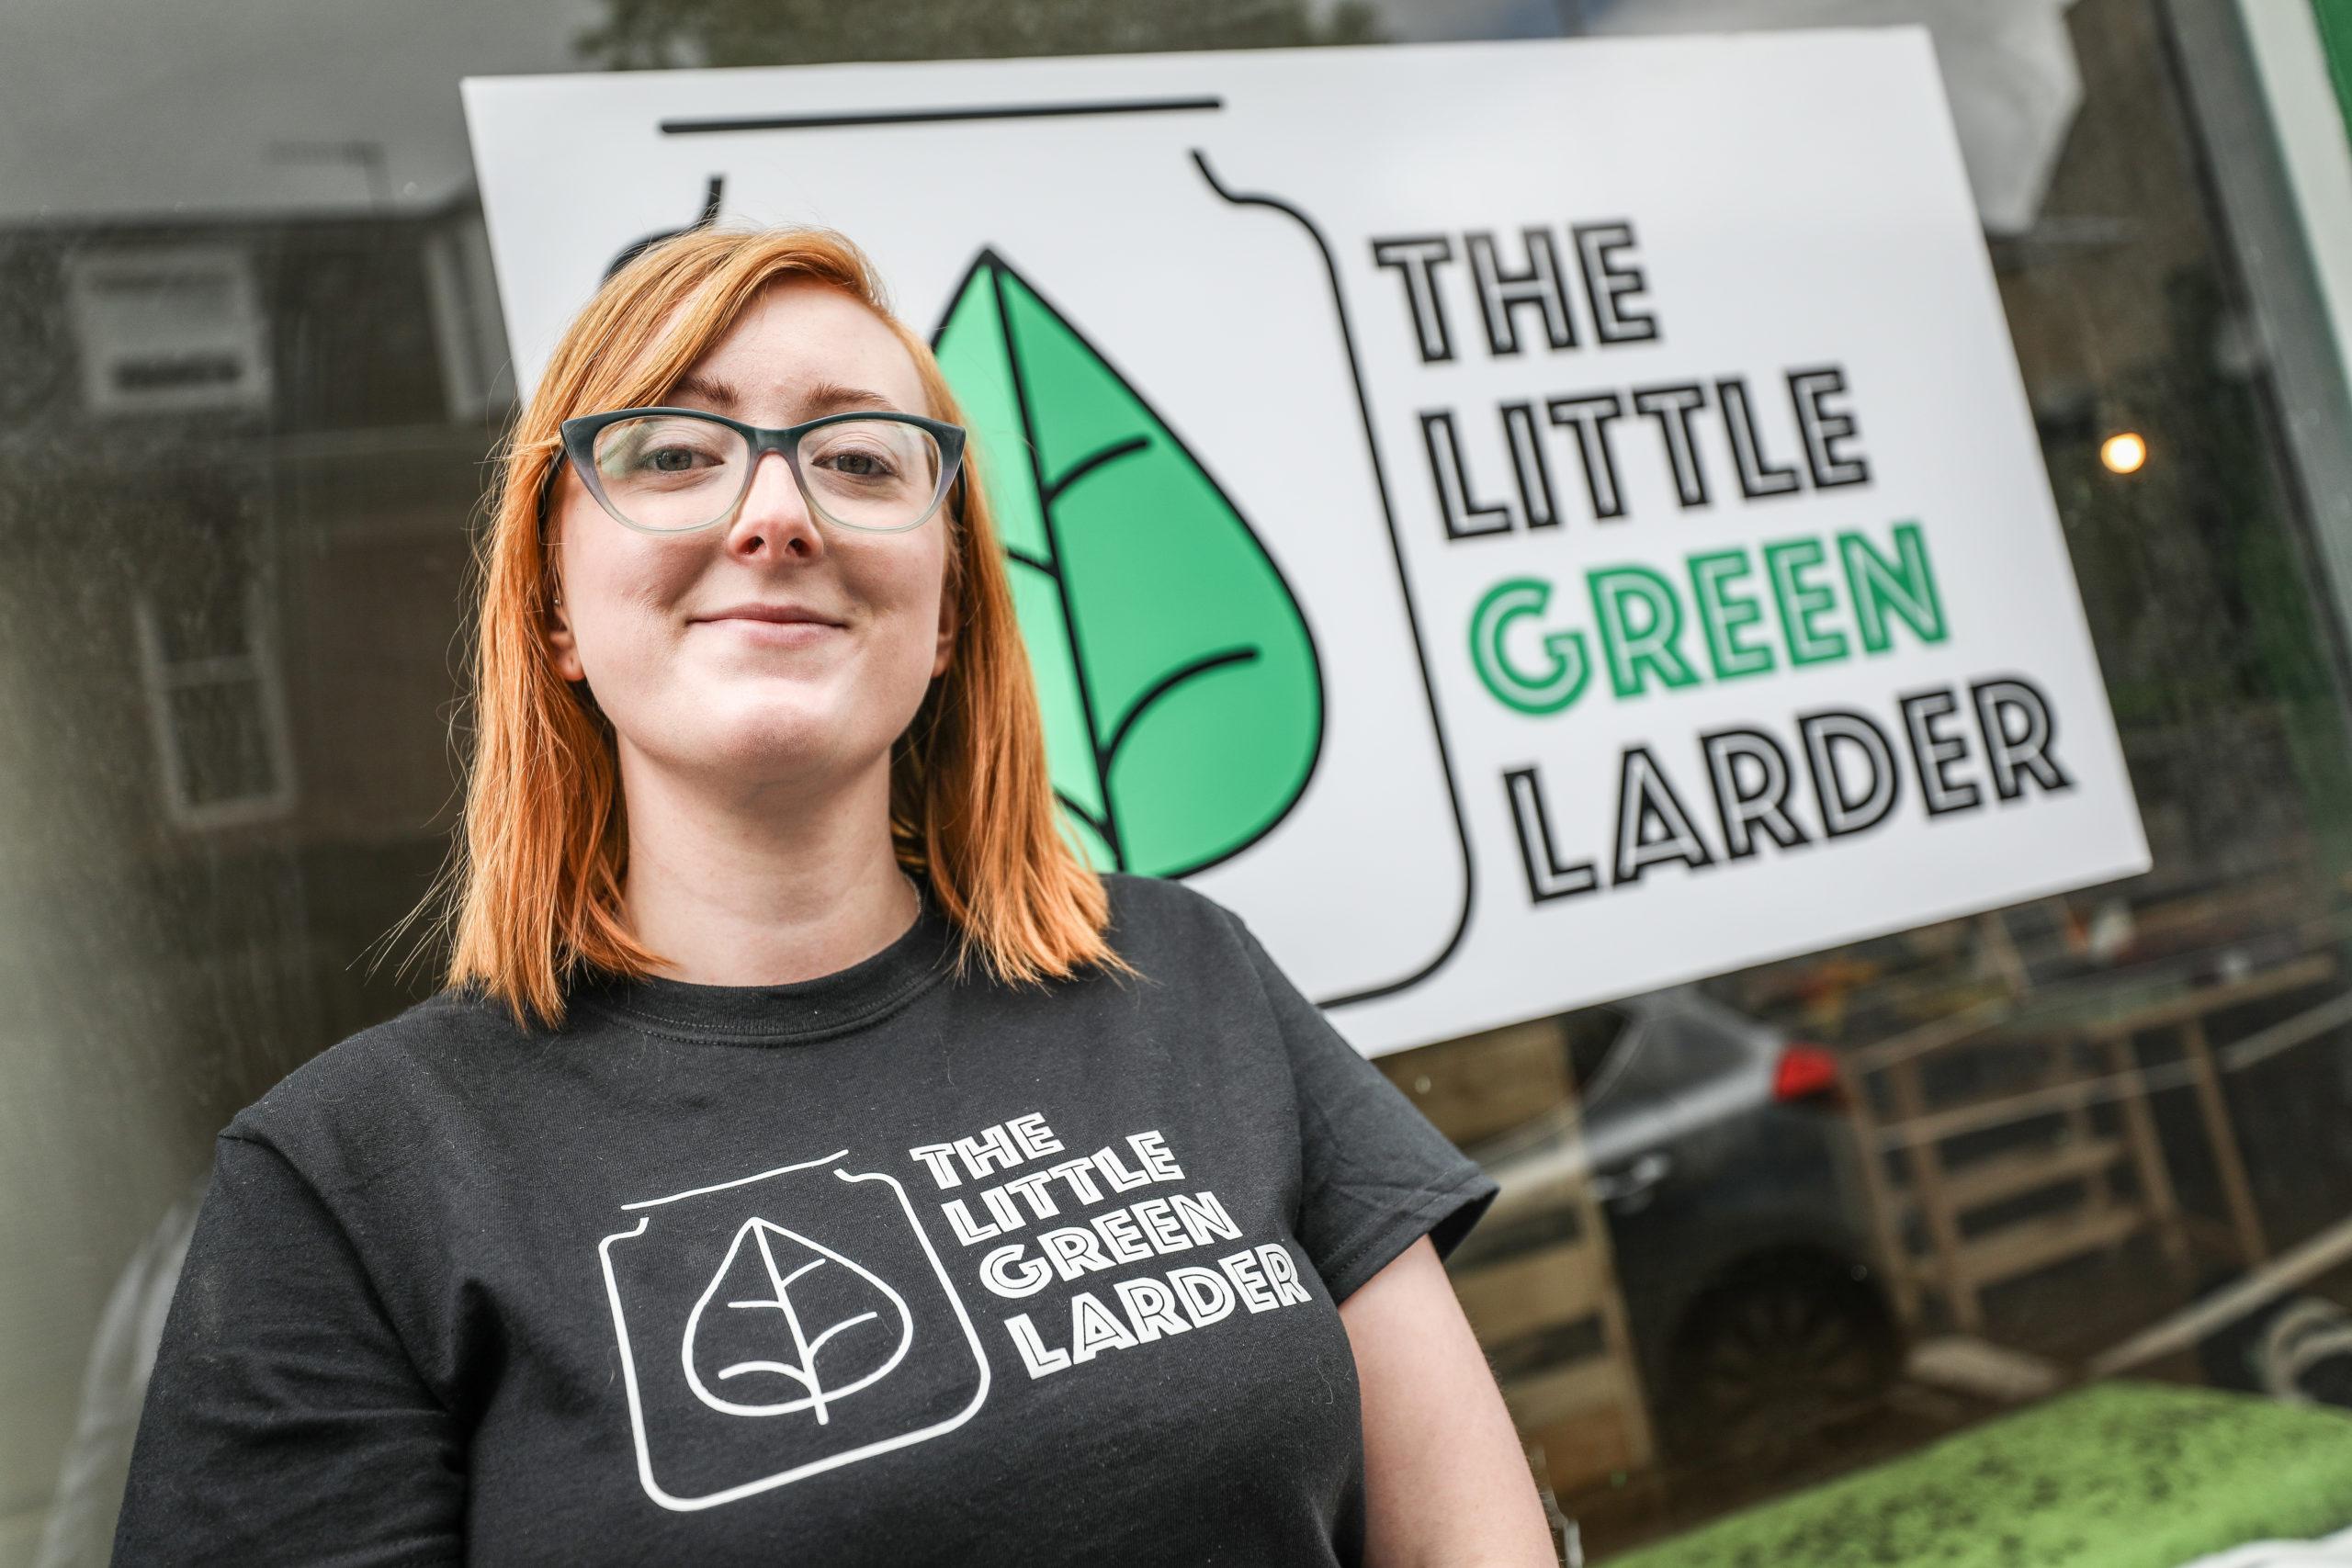 Jillian Elizabeth outside her shop, Little Green Larder.